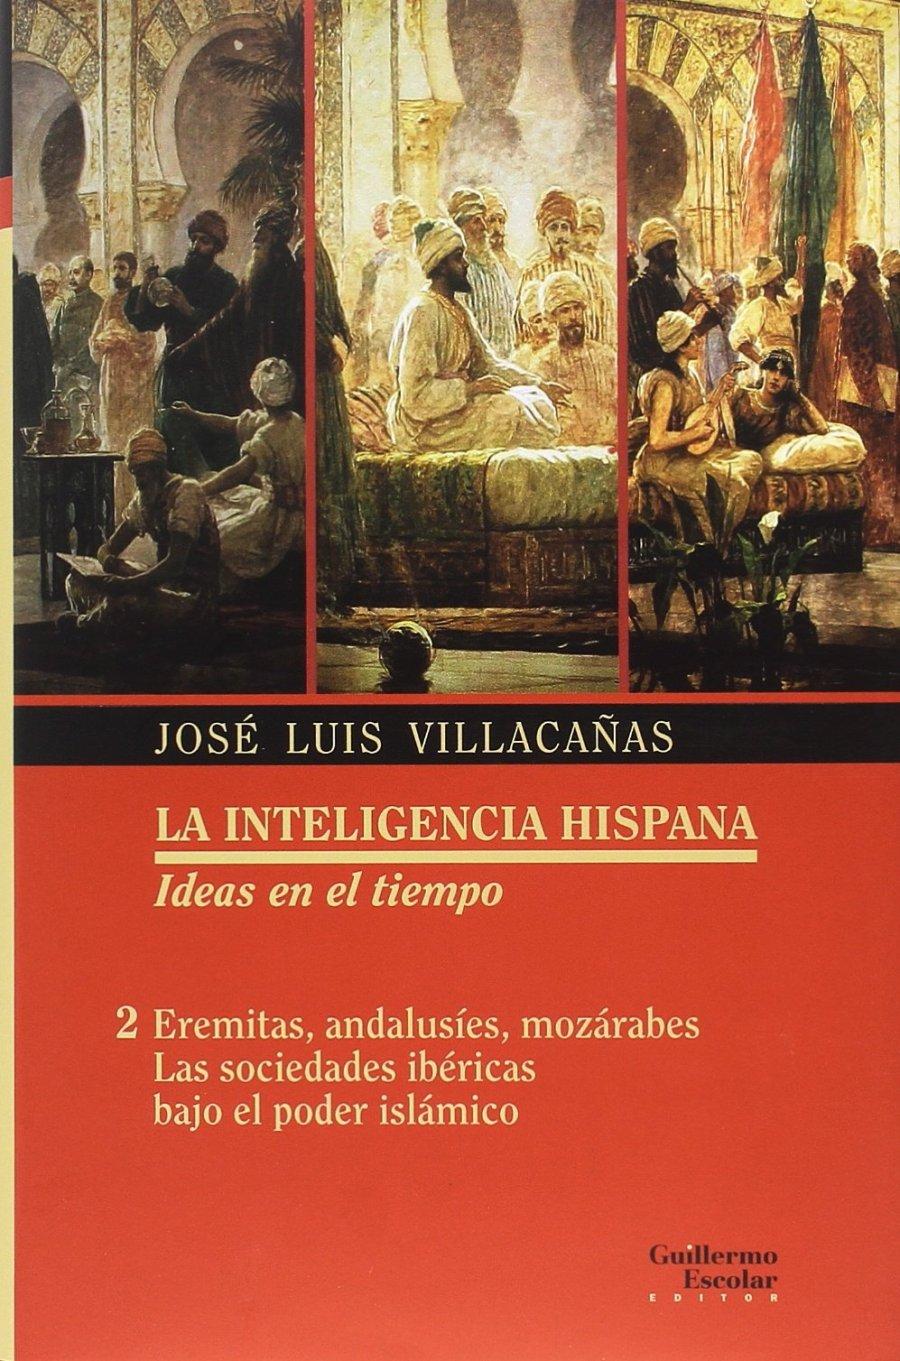 La inteligencia hispana: ideas en el tiempo Volumen 2: Eremitas, andalusíes, mozárabes. Las sociedades ibéricas bajo el poder islámico Book Cover